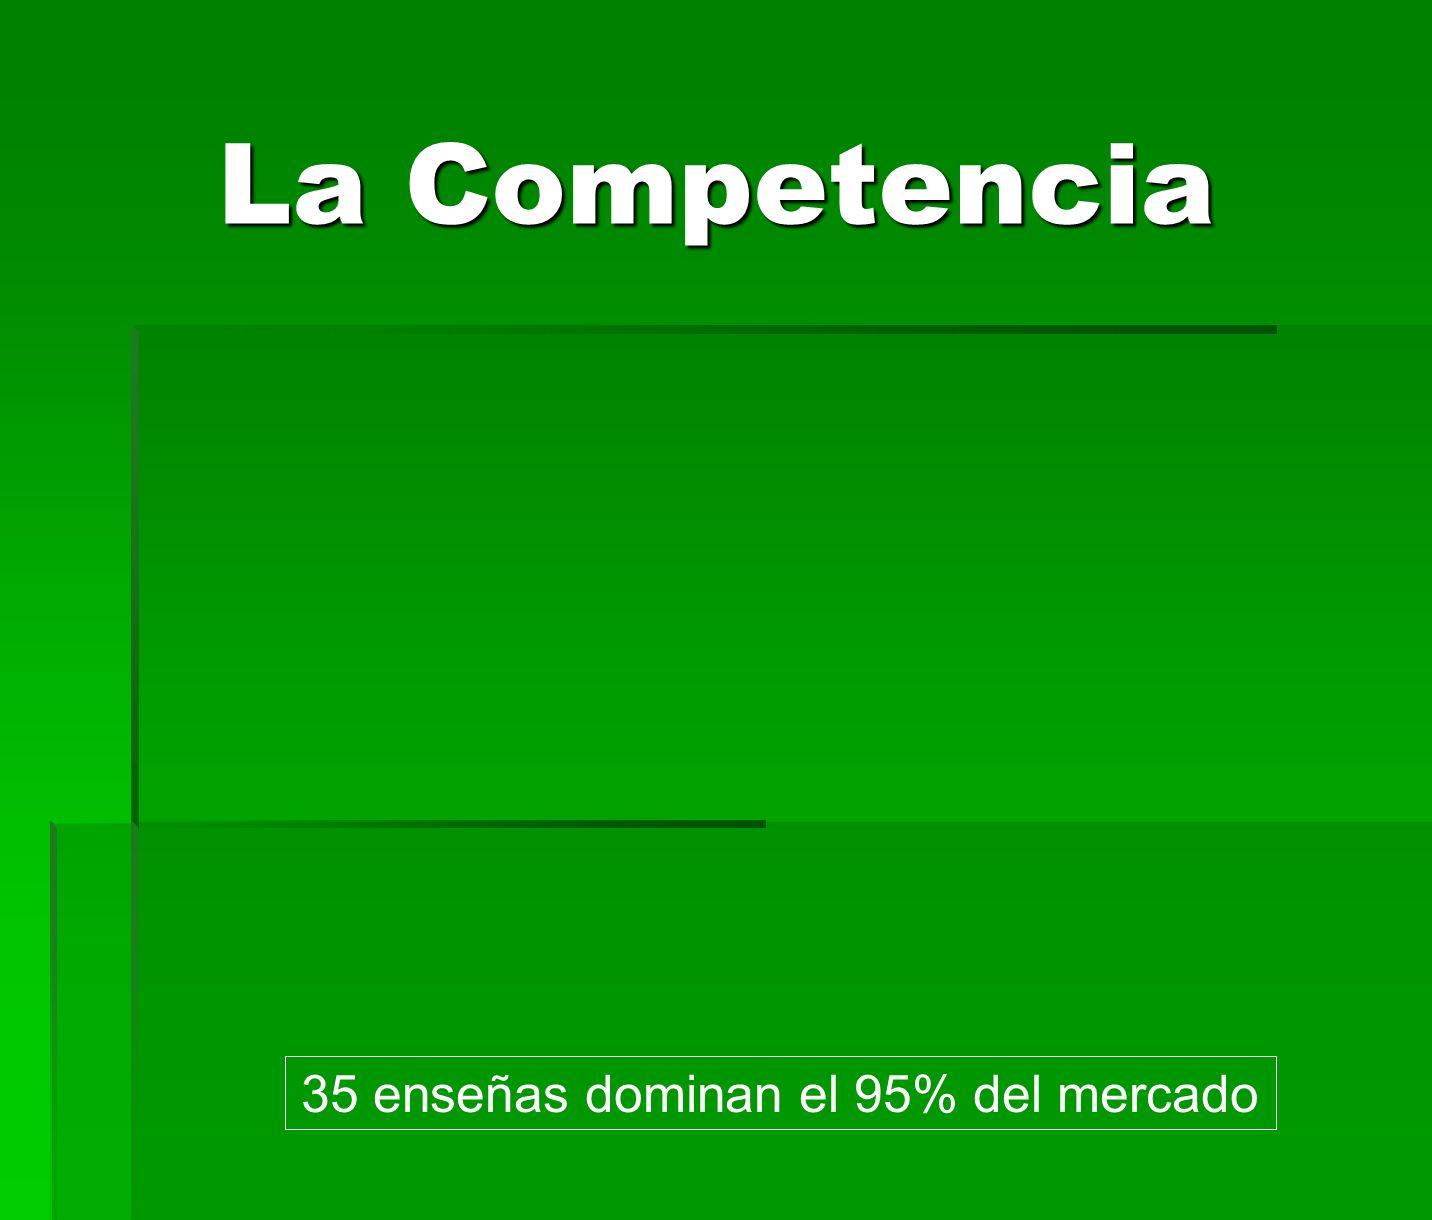 La Competencia 35 enseñas dominan el 95% del mercado